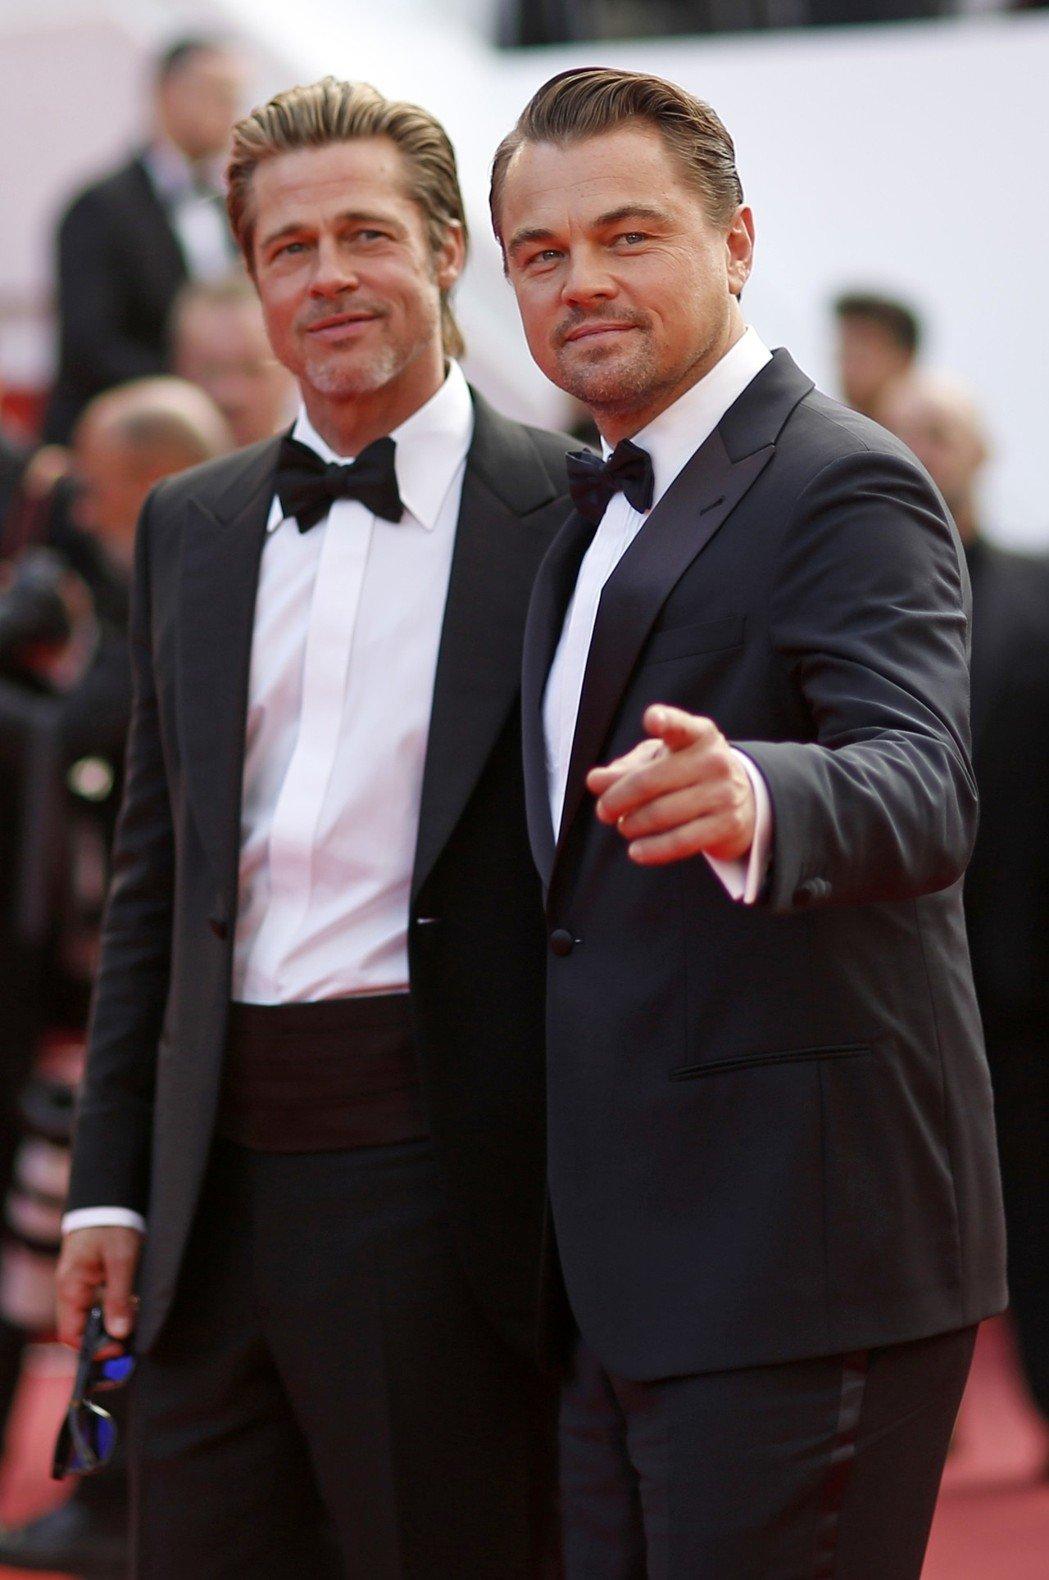 布萊德彼特與李奧納多狄卡皮歐同台,掀起本屆坎城影展最大追星盛況。(路透)